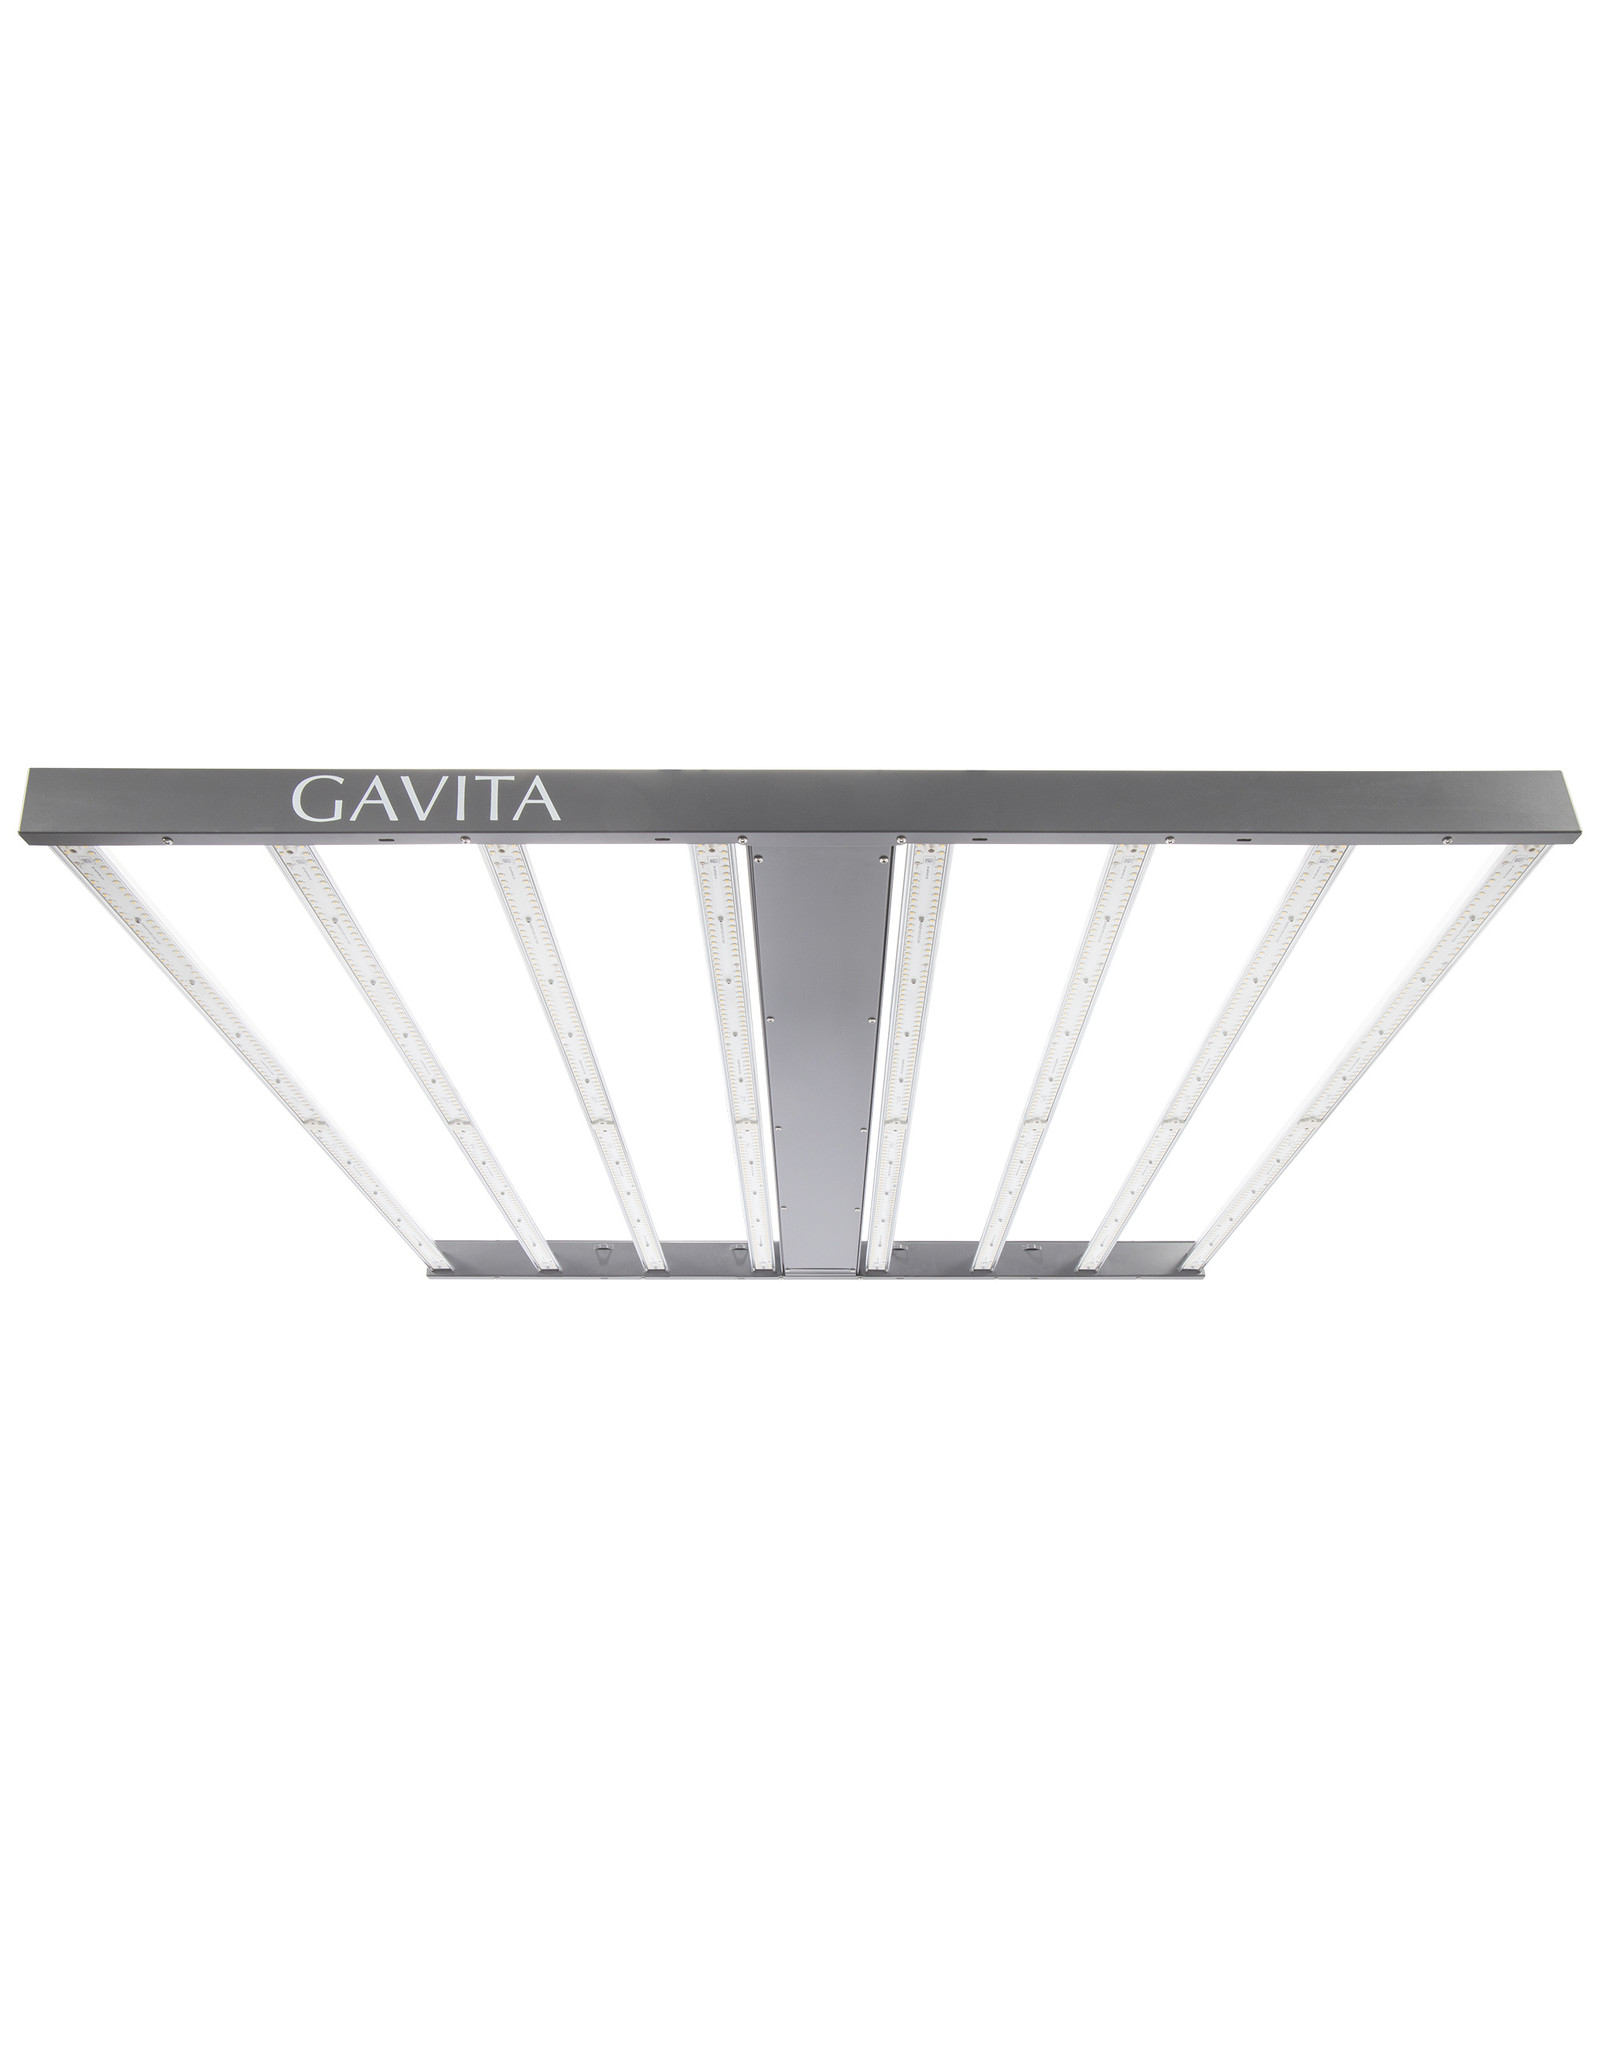 Gavita Gavita Pro 900e LED 120-277 Volt